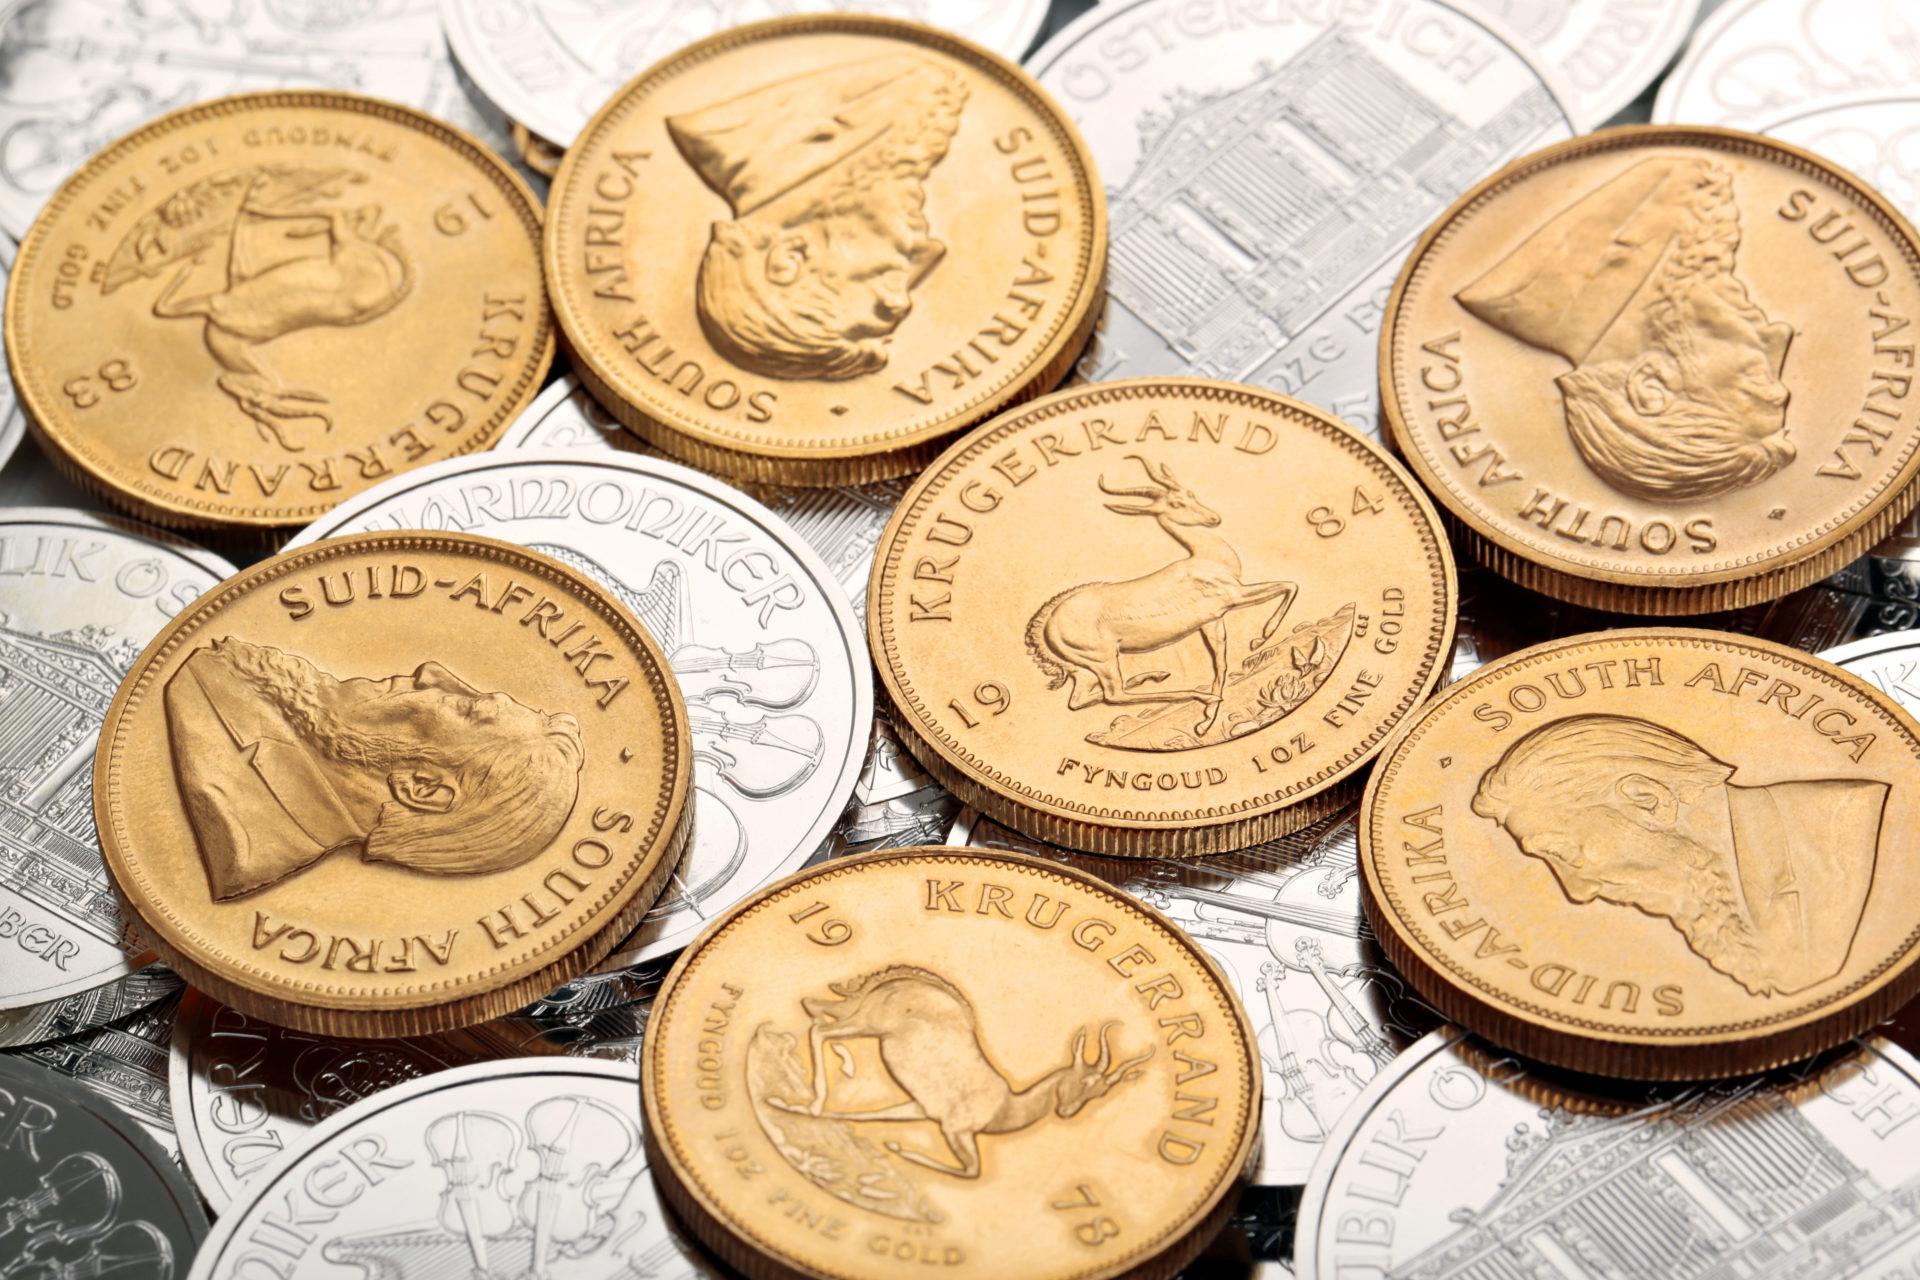 Goldmünzen Silbermünzen Krügerrand Goldmünze Aurax Edelmetallhandel GmbH Gold als Kapitalanlage Umlauf Goldmünzen